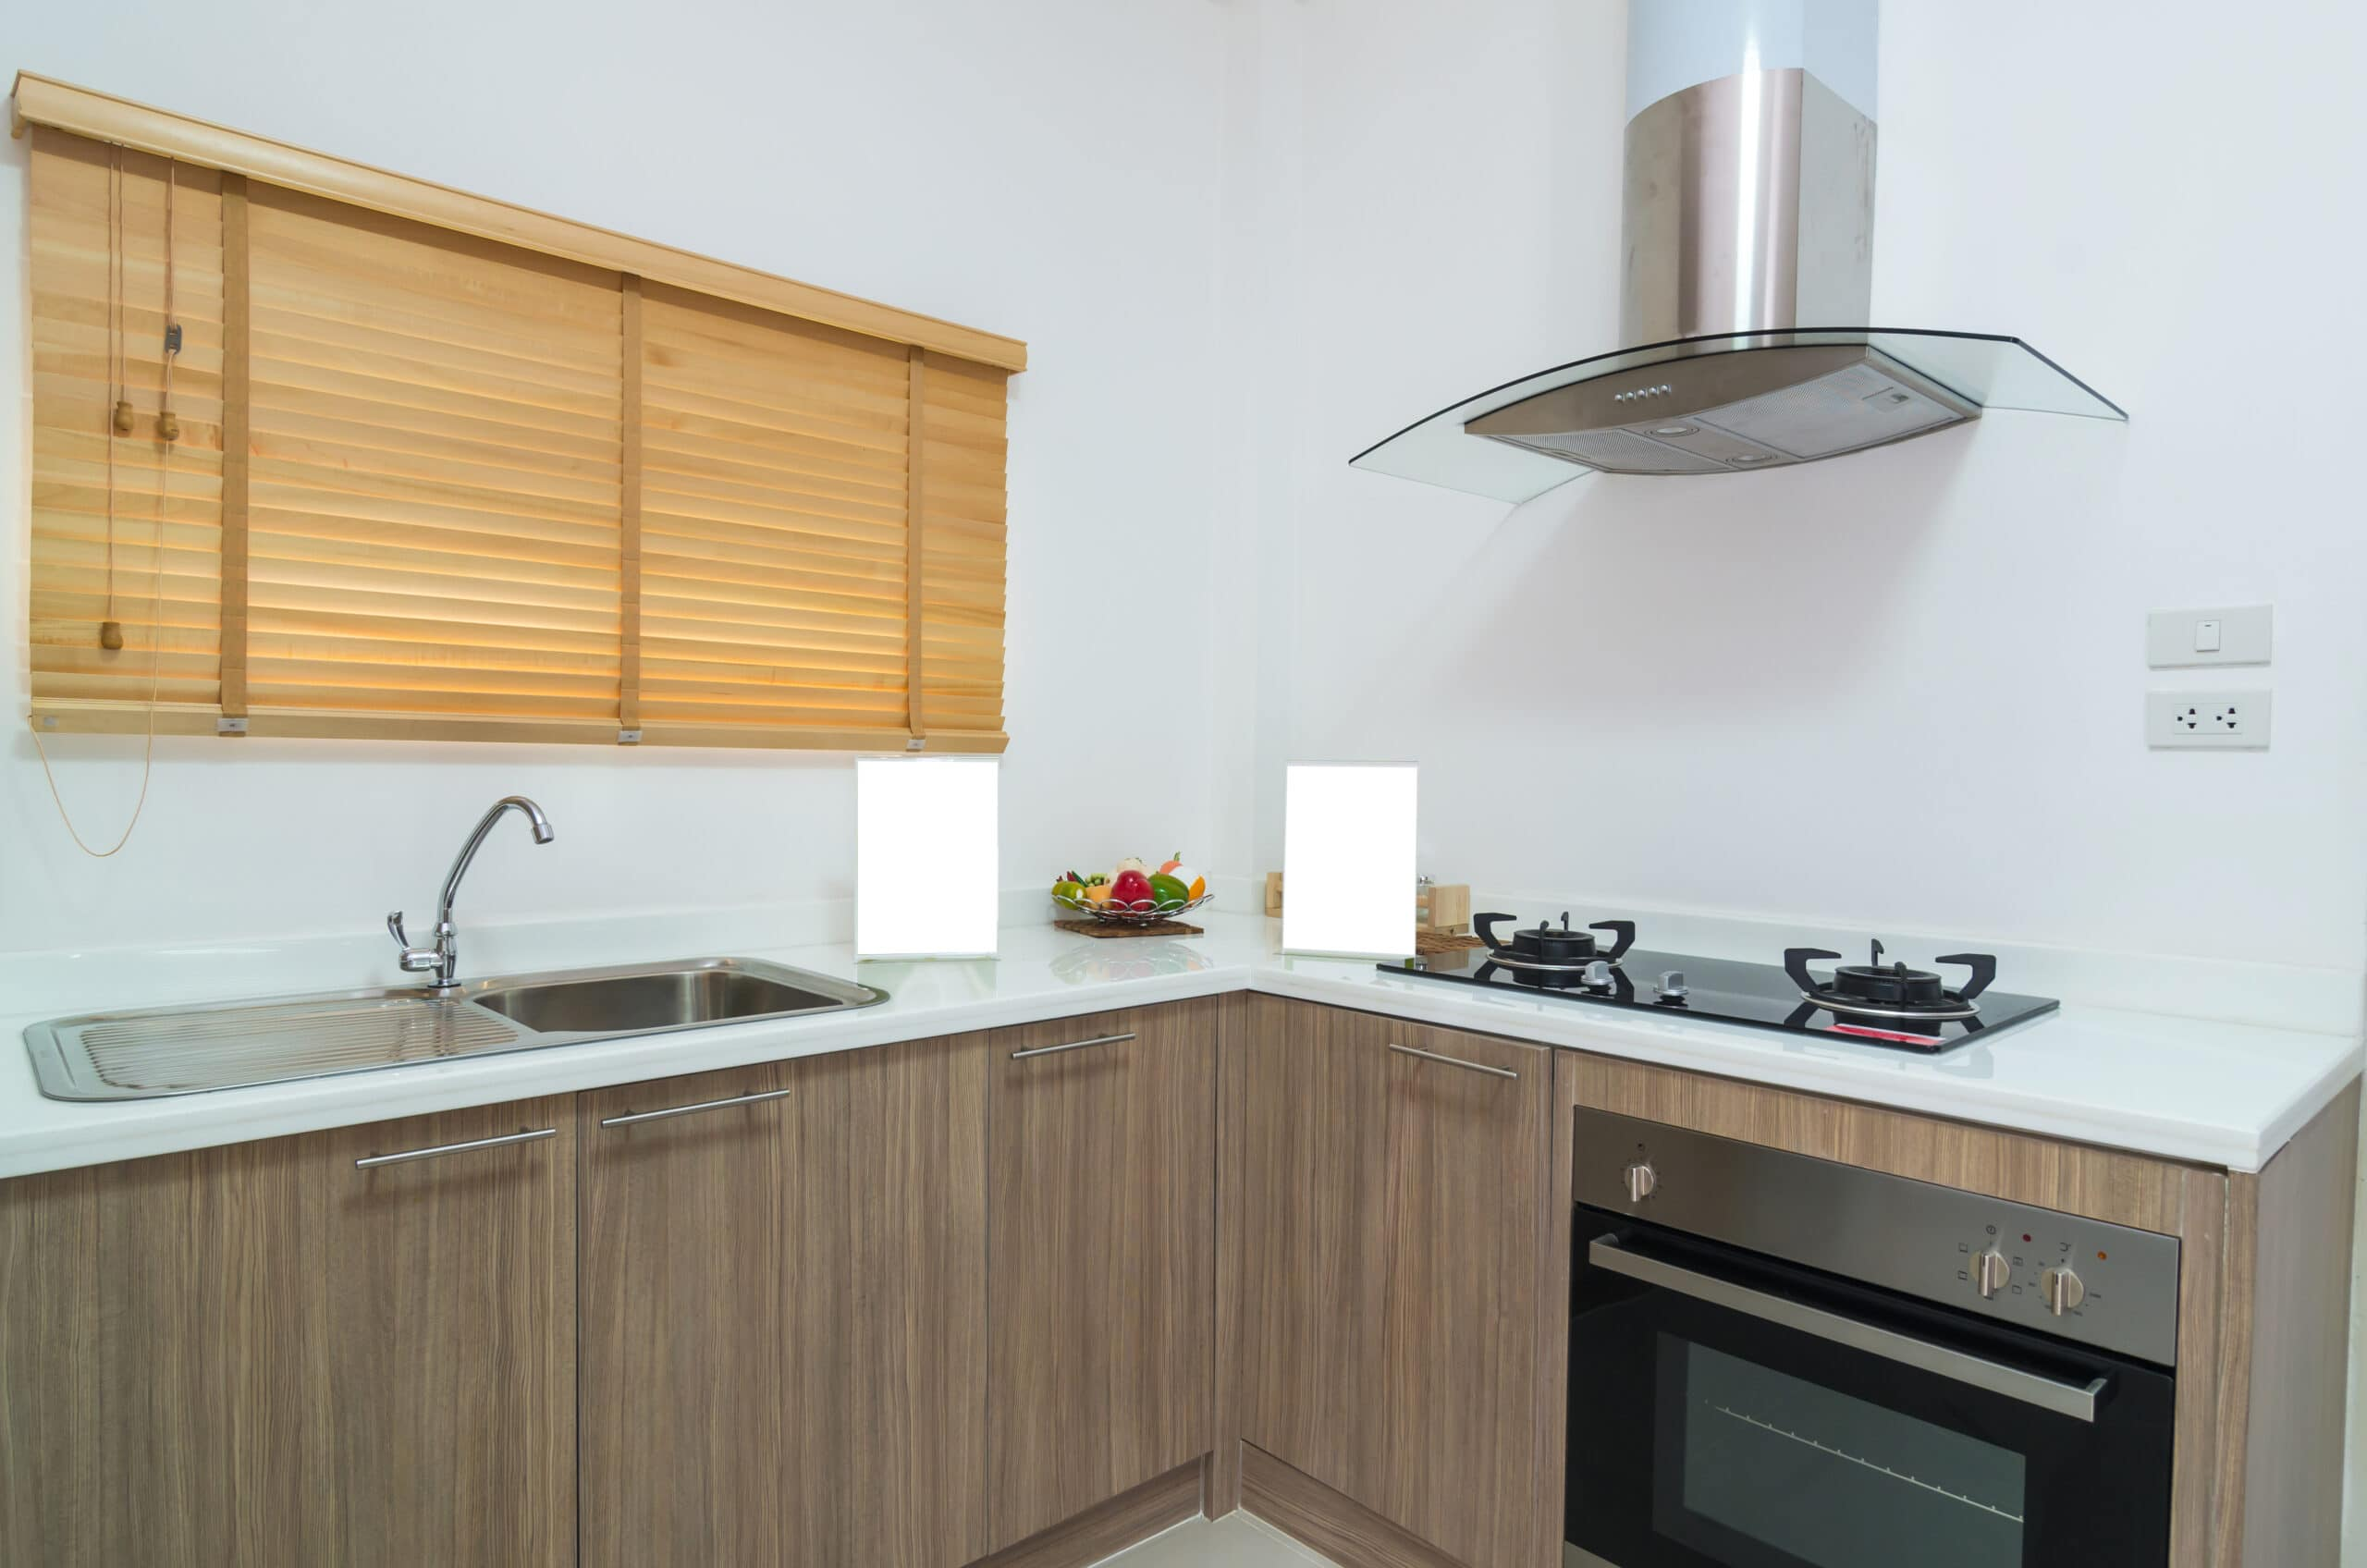 מטבחים מעץ חברות לעיצוב וייצור מטבחי עץ מקצועיים בתחום מטבחי יוקרה בחסות החברה שבה הם עובדים שיודעים לספק פתרונות להתאמת תנורים גדולים לכל מטבח תוך כדי חיבור הכיריים החשמליים ובדיקת תקינותם